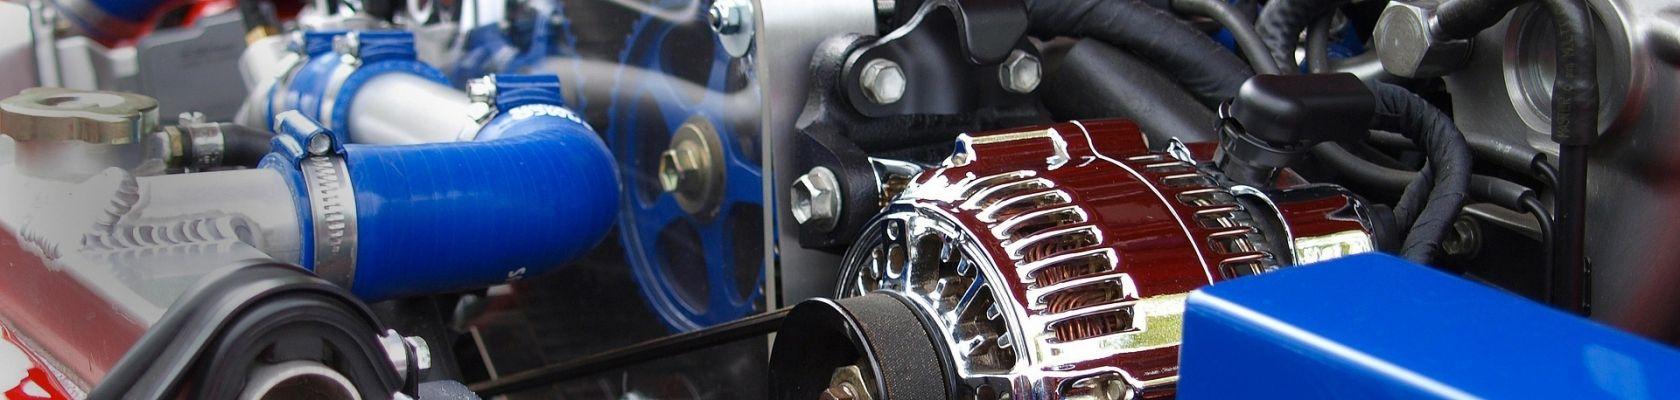 Otomotiv Salmastraları İçin Mekanik Salmastralar